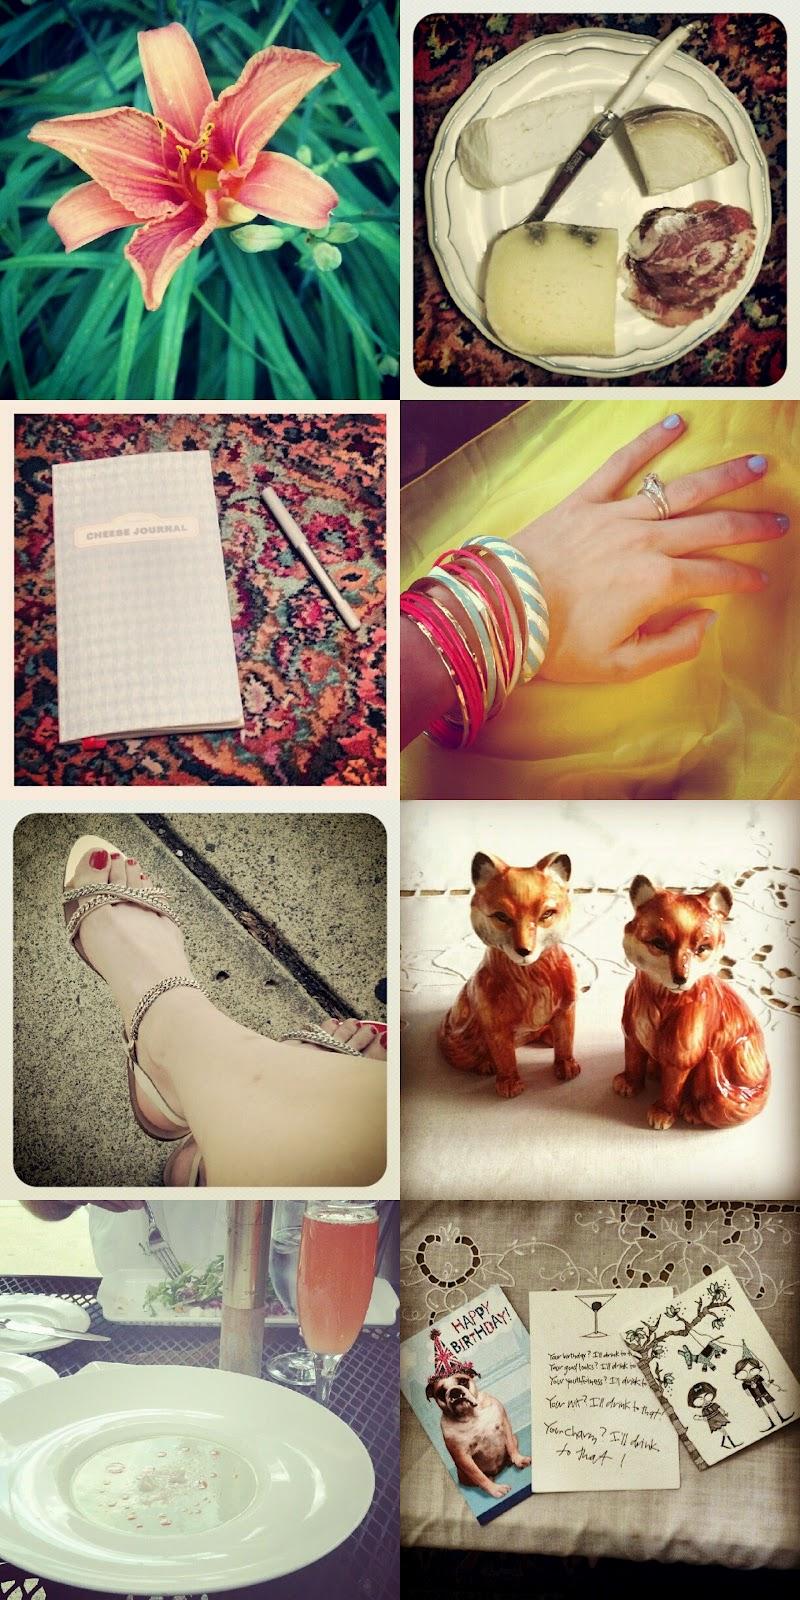 instagram-districtofchic-1